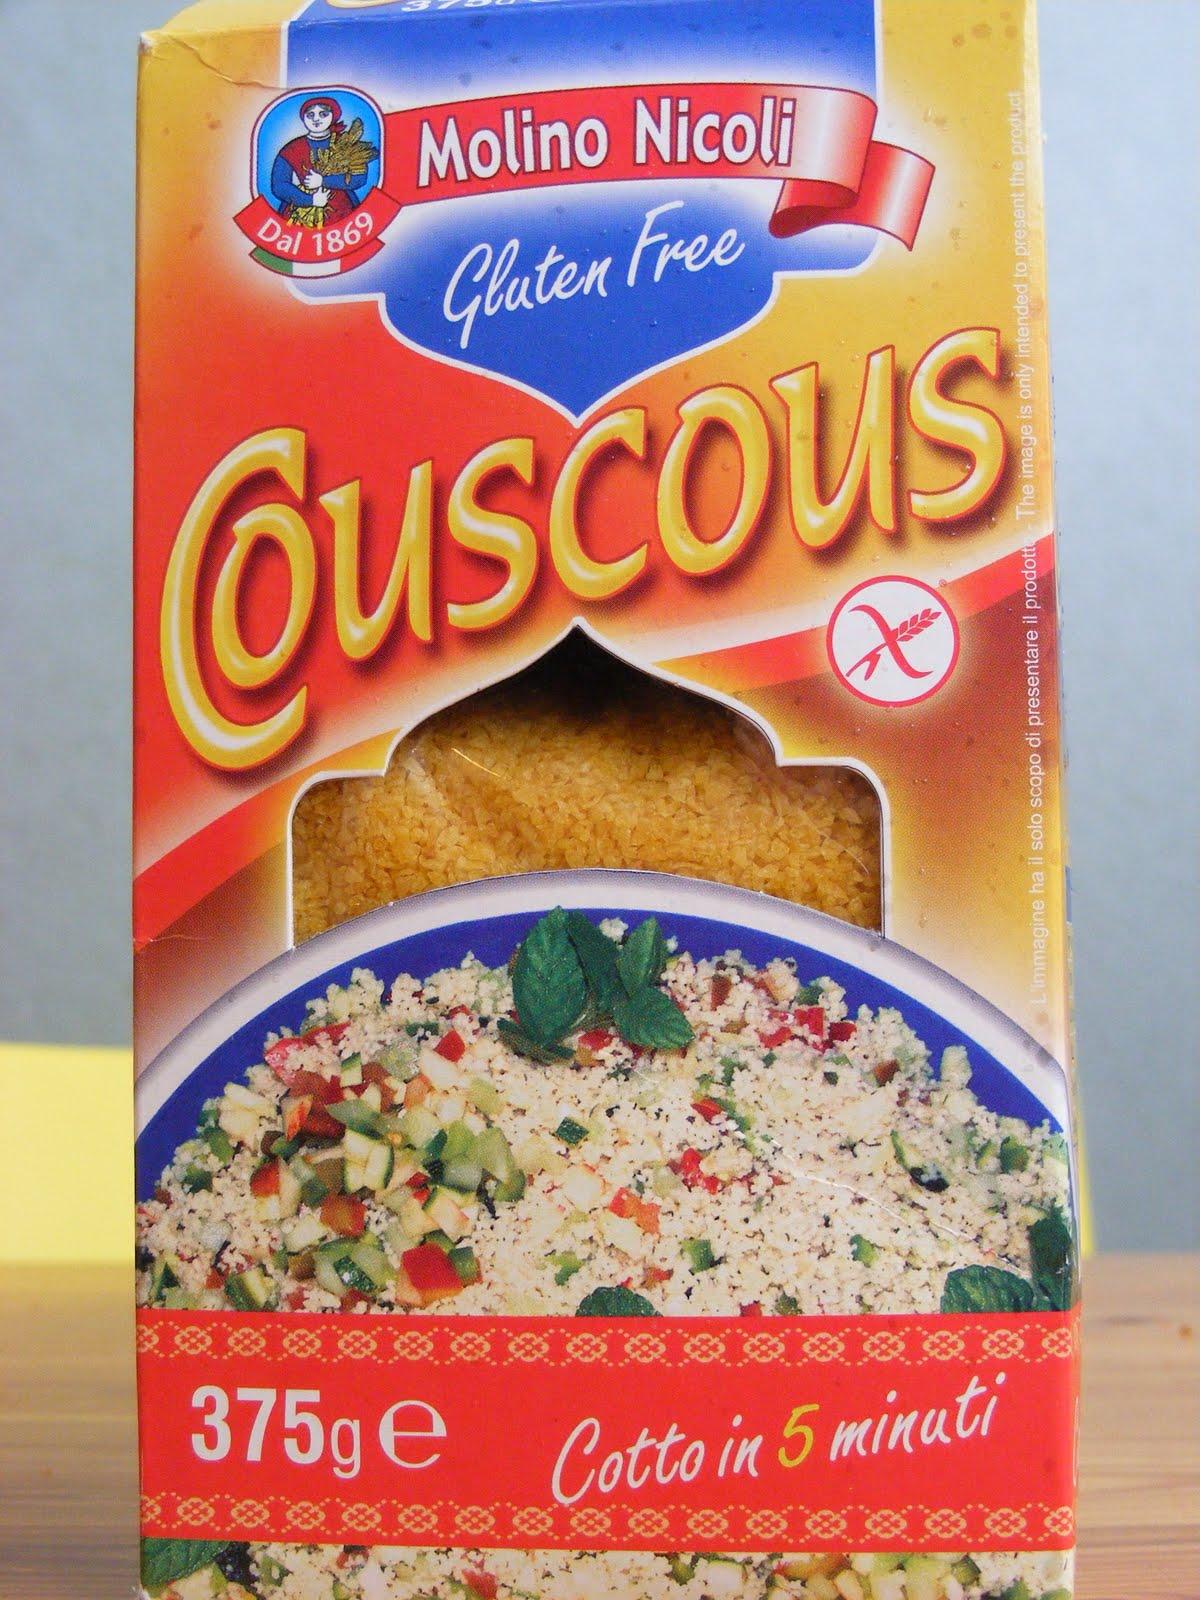 innehåller couscous gluten